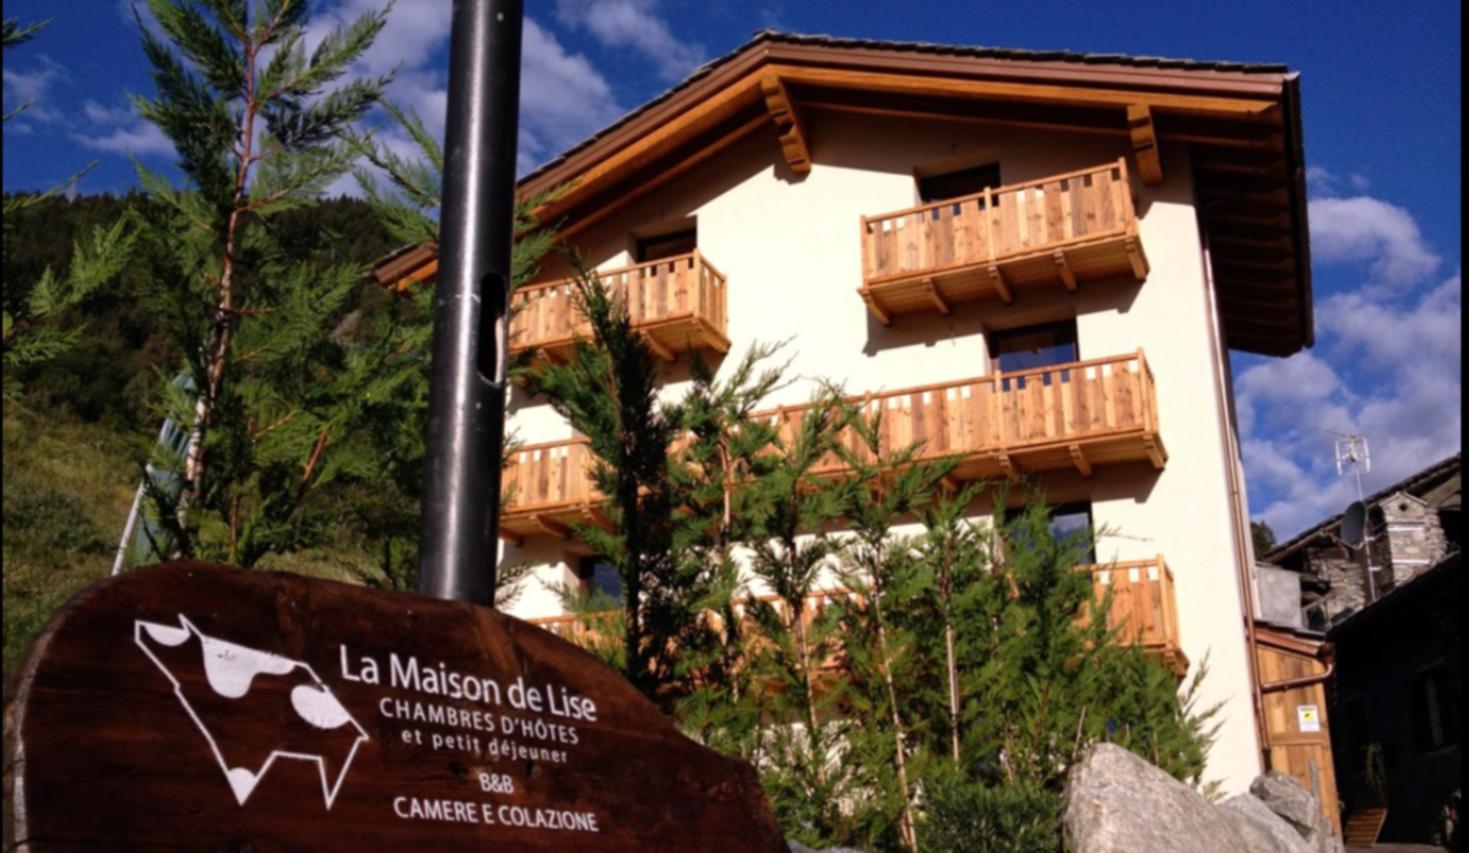 A sign on the side of a building at La Maison de Lise.